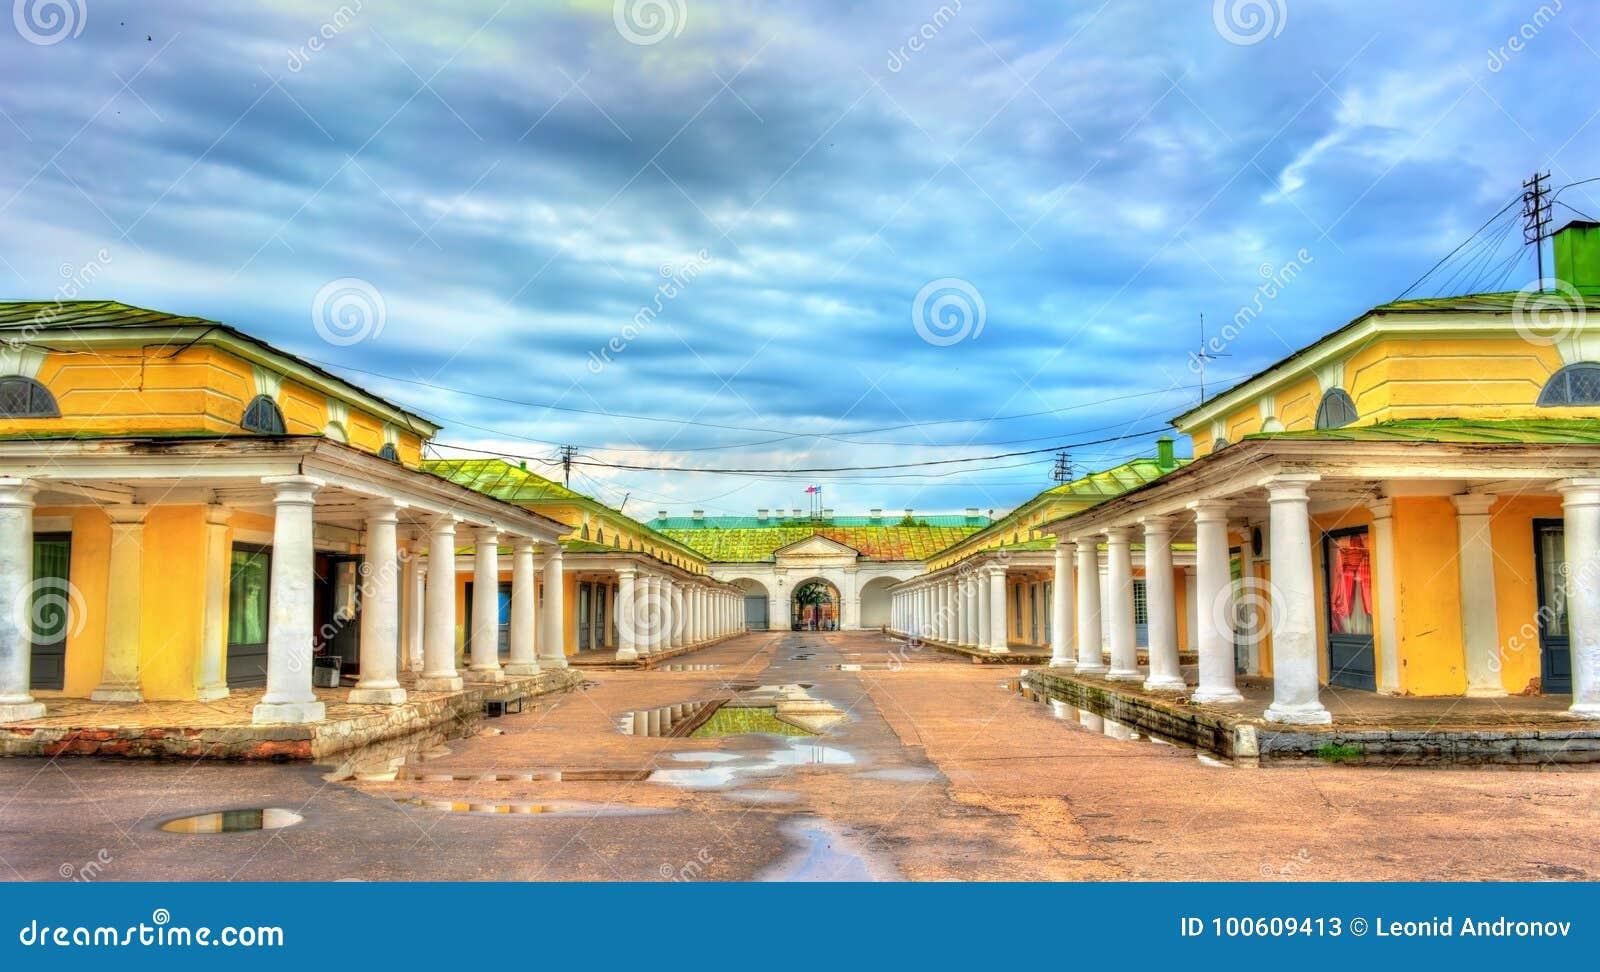 Gostiny Dvor, provinzielle neoklassische Handelssäulengänge in Kostroma, Russland